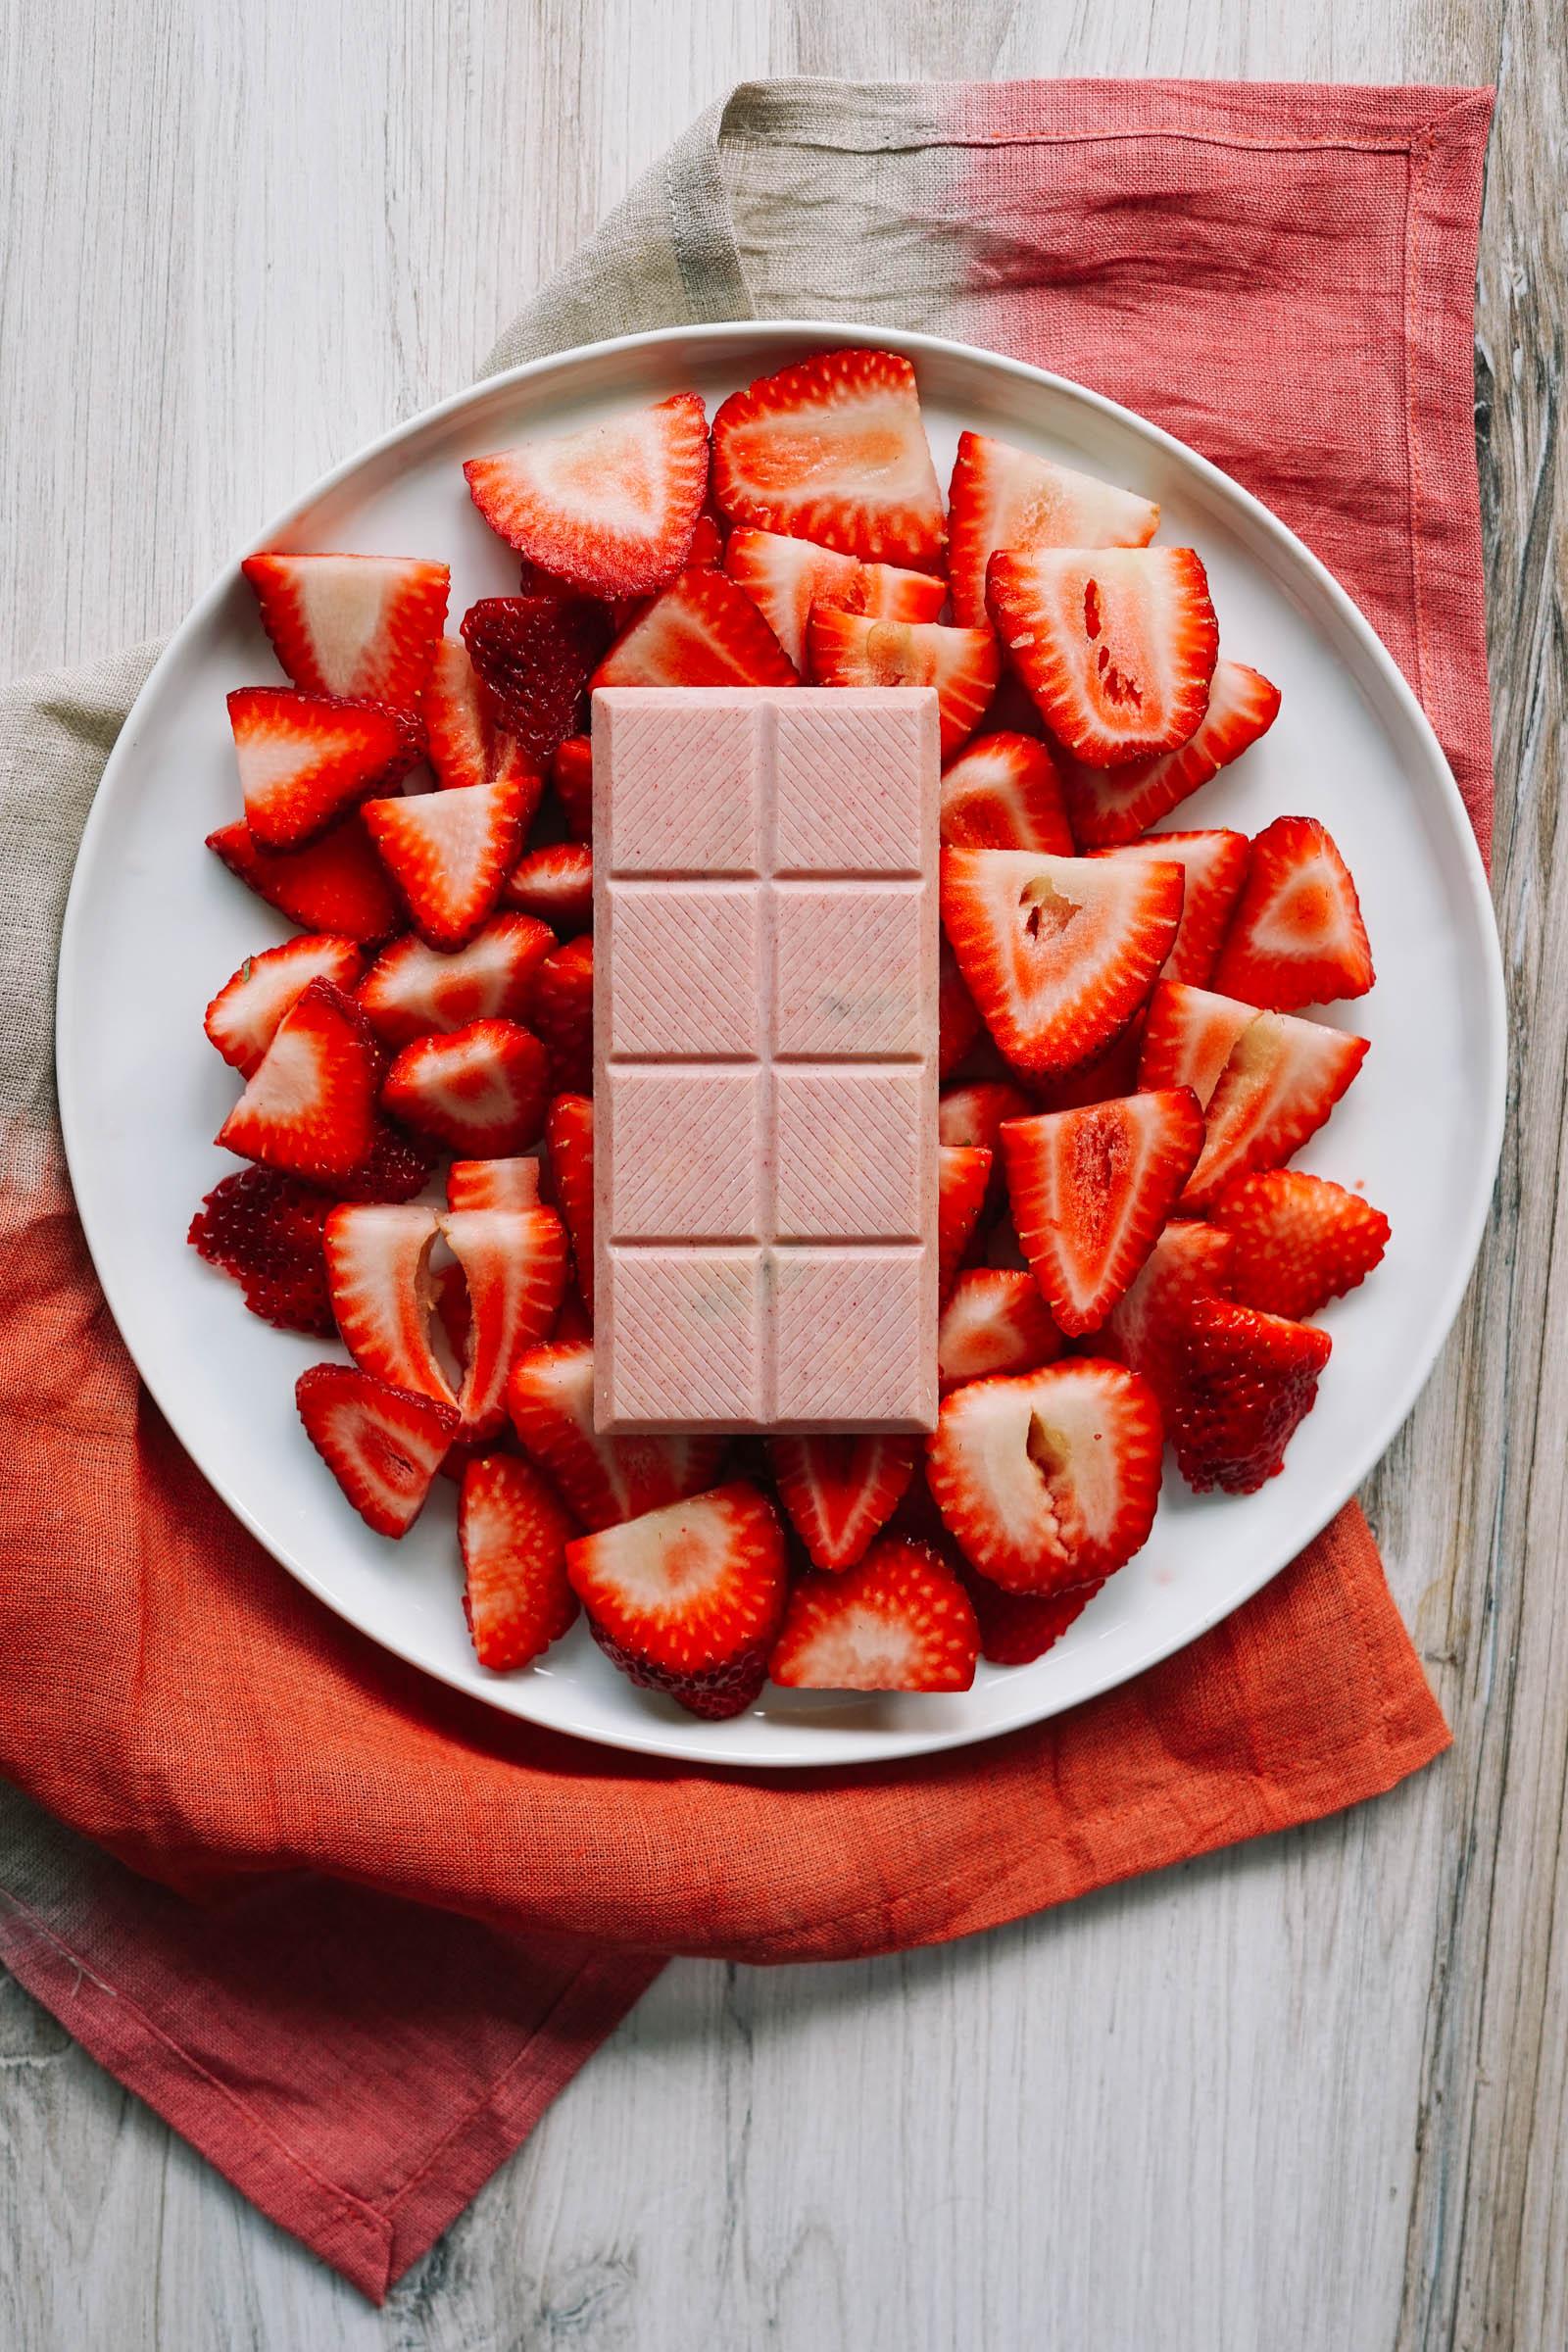 SeattleChocolateSummer-07717.jpg